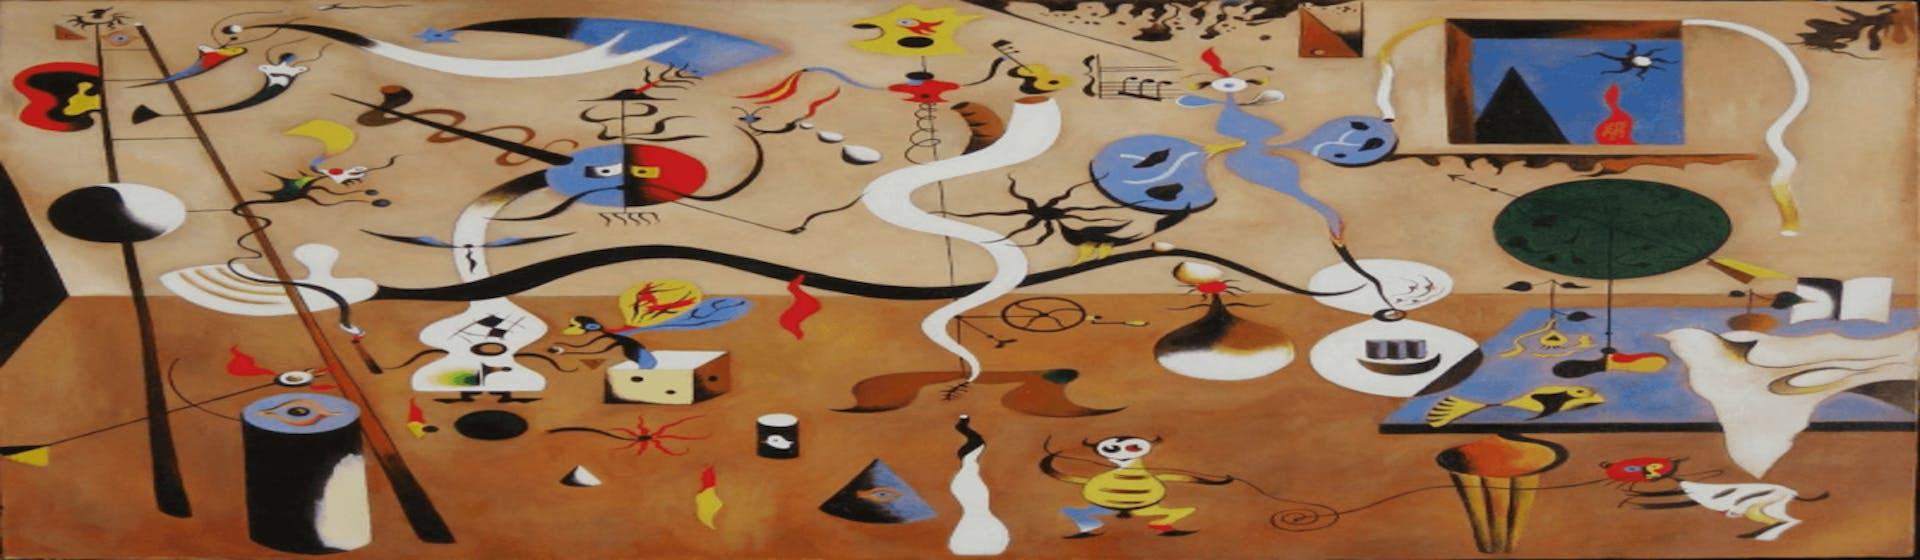 ¿Qué es el surrealismo? Conoce el arte inspirado en los sueños